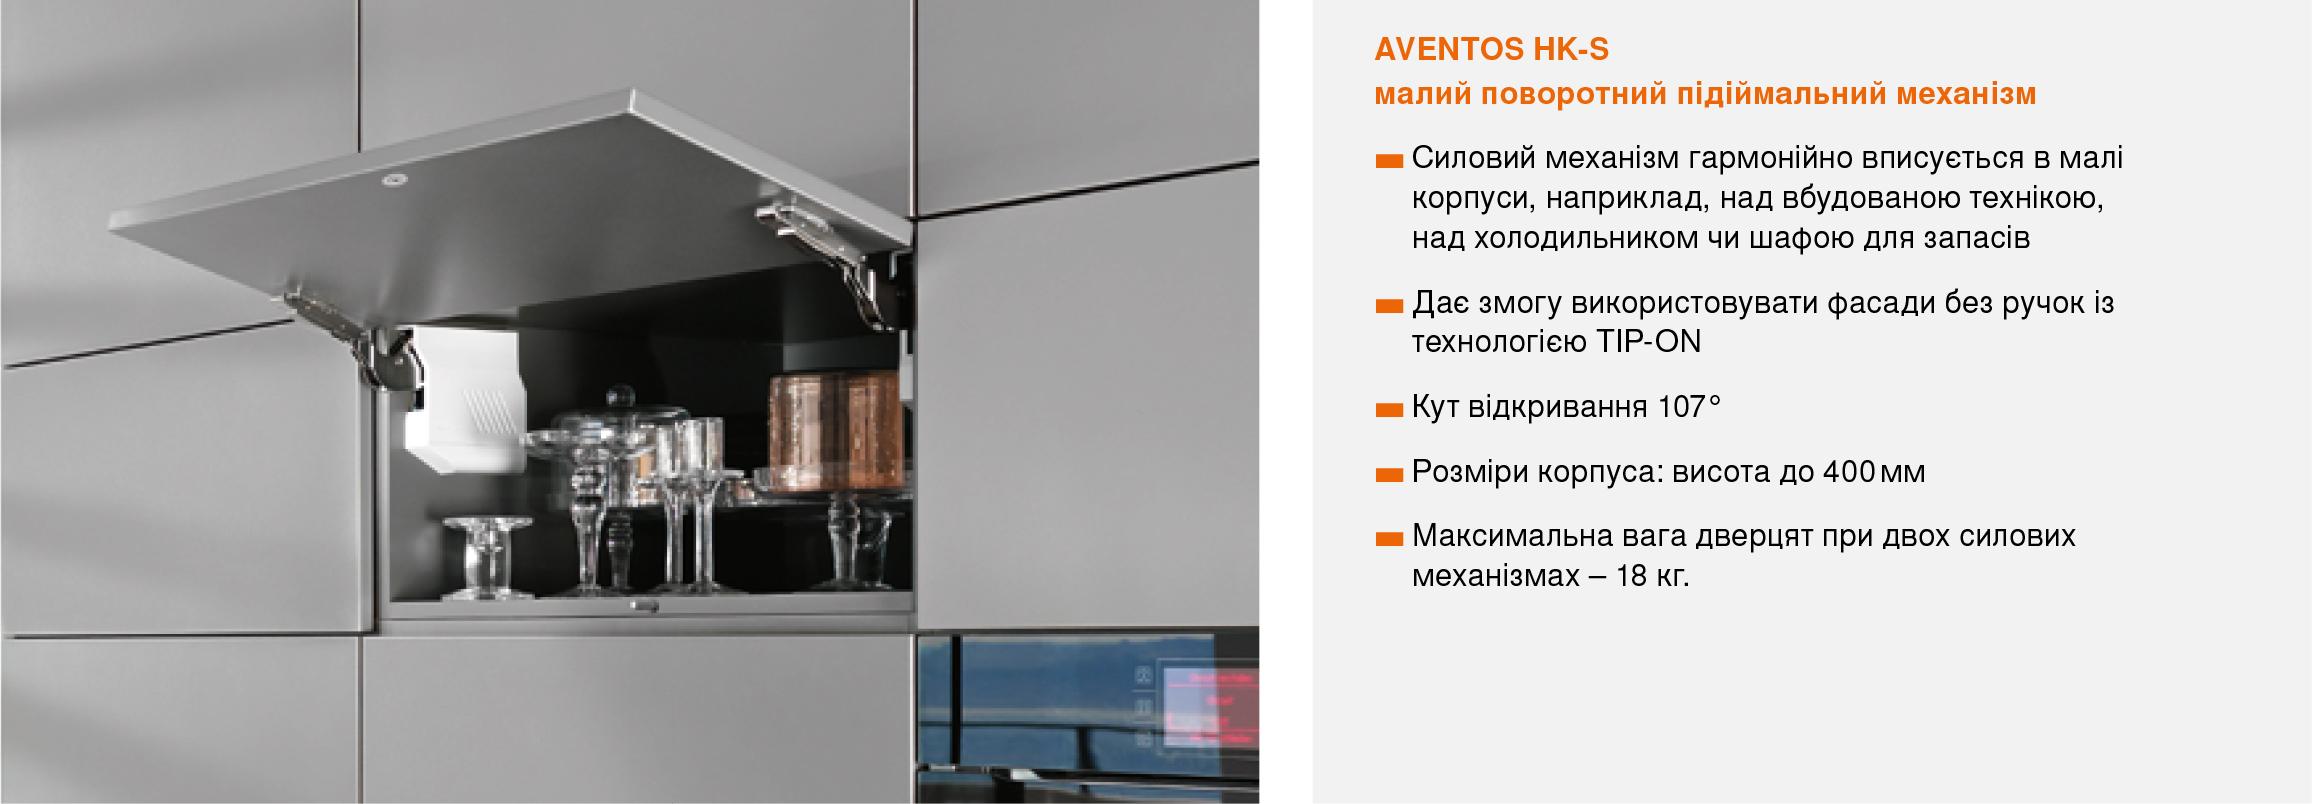 Подъемный механизм AVENTOS HK-S для кухни Гостотмель